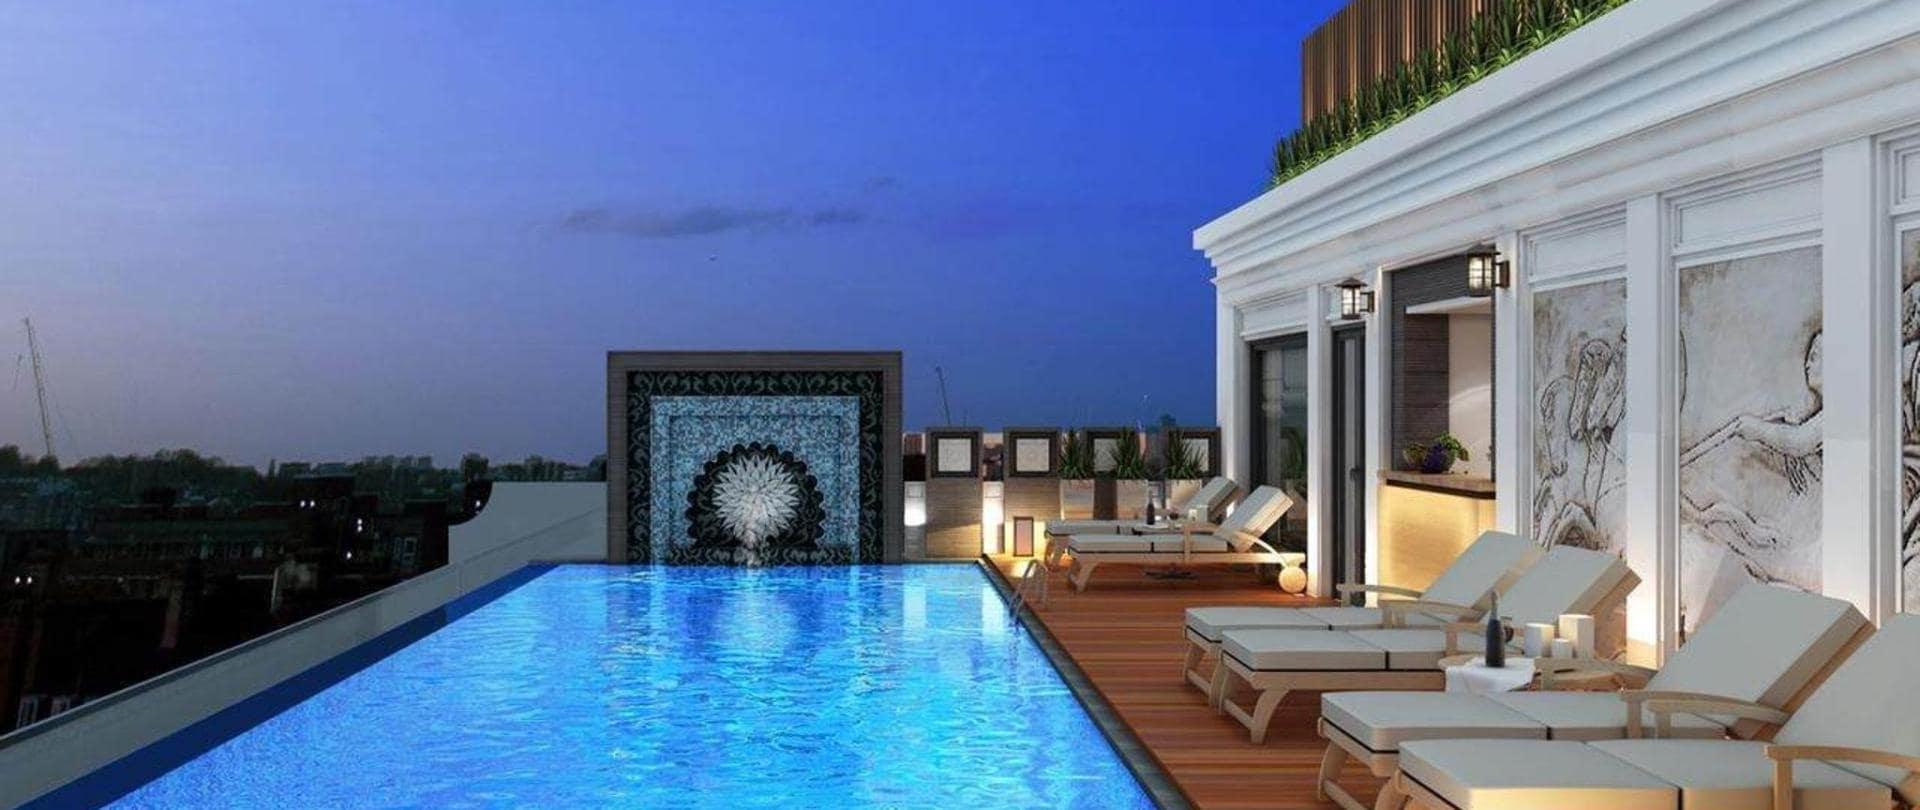 khách sạn 4 sao hà nội có bể bơi